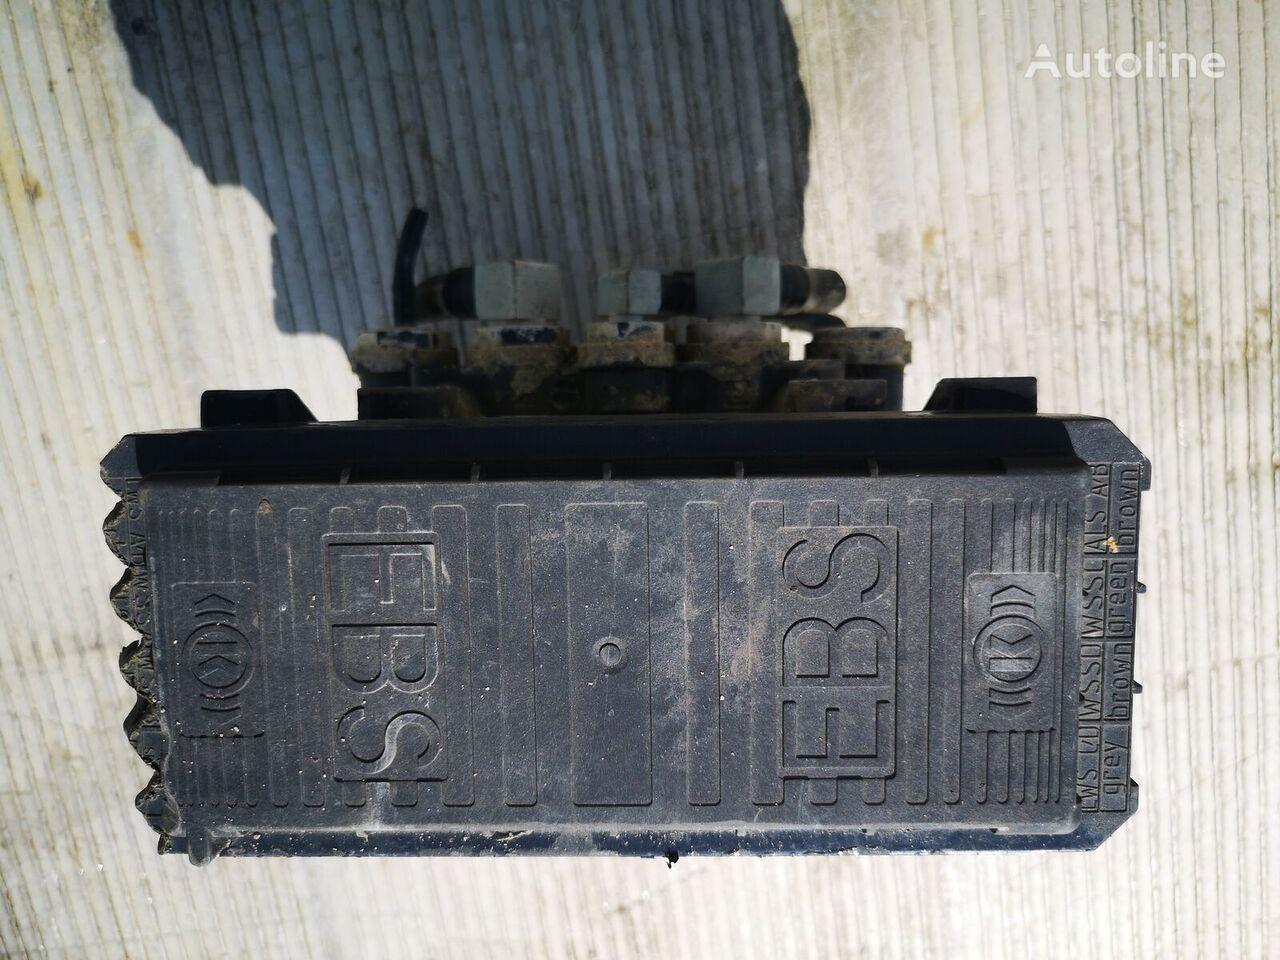 KNORR-BREMSE K000921 (81.52106-6046) EBS modulator for MAN TGA 18.400 , 81.52106-6046 tractor unit